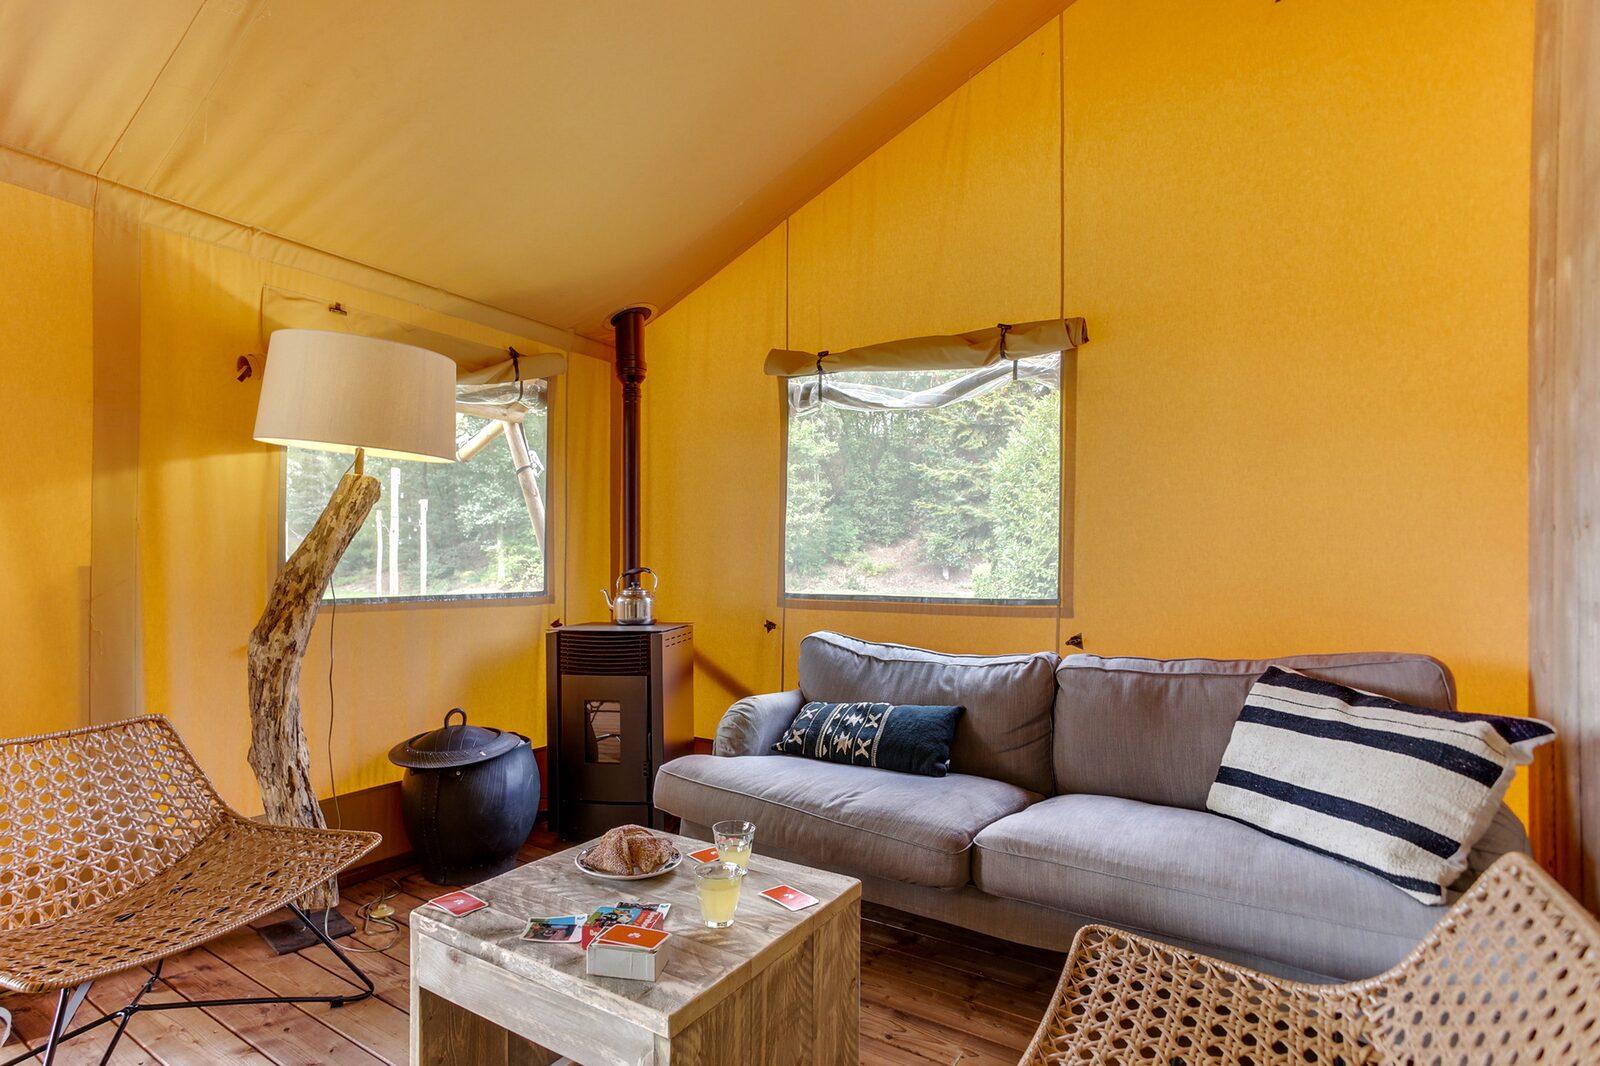 09. Luxuriöse Dünen Lodge 6 Personen